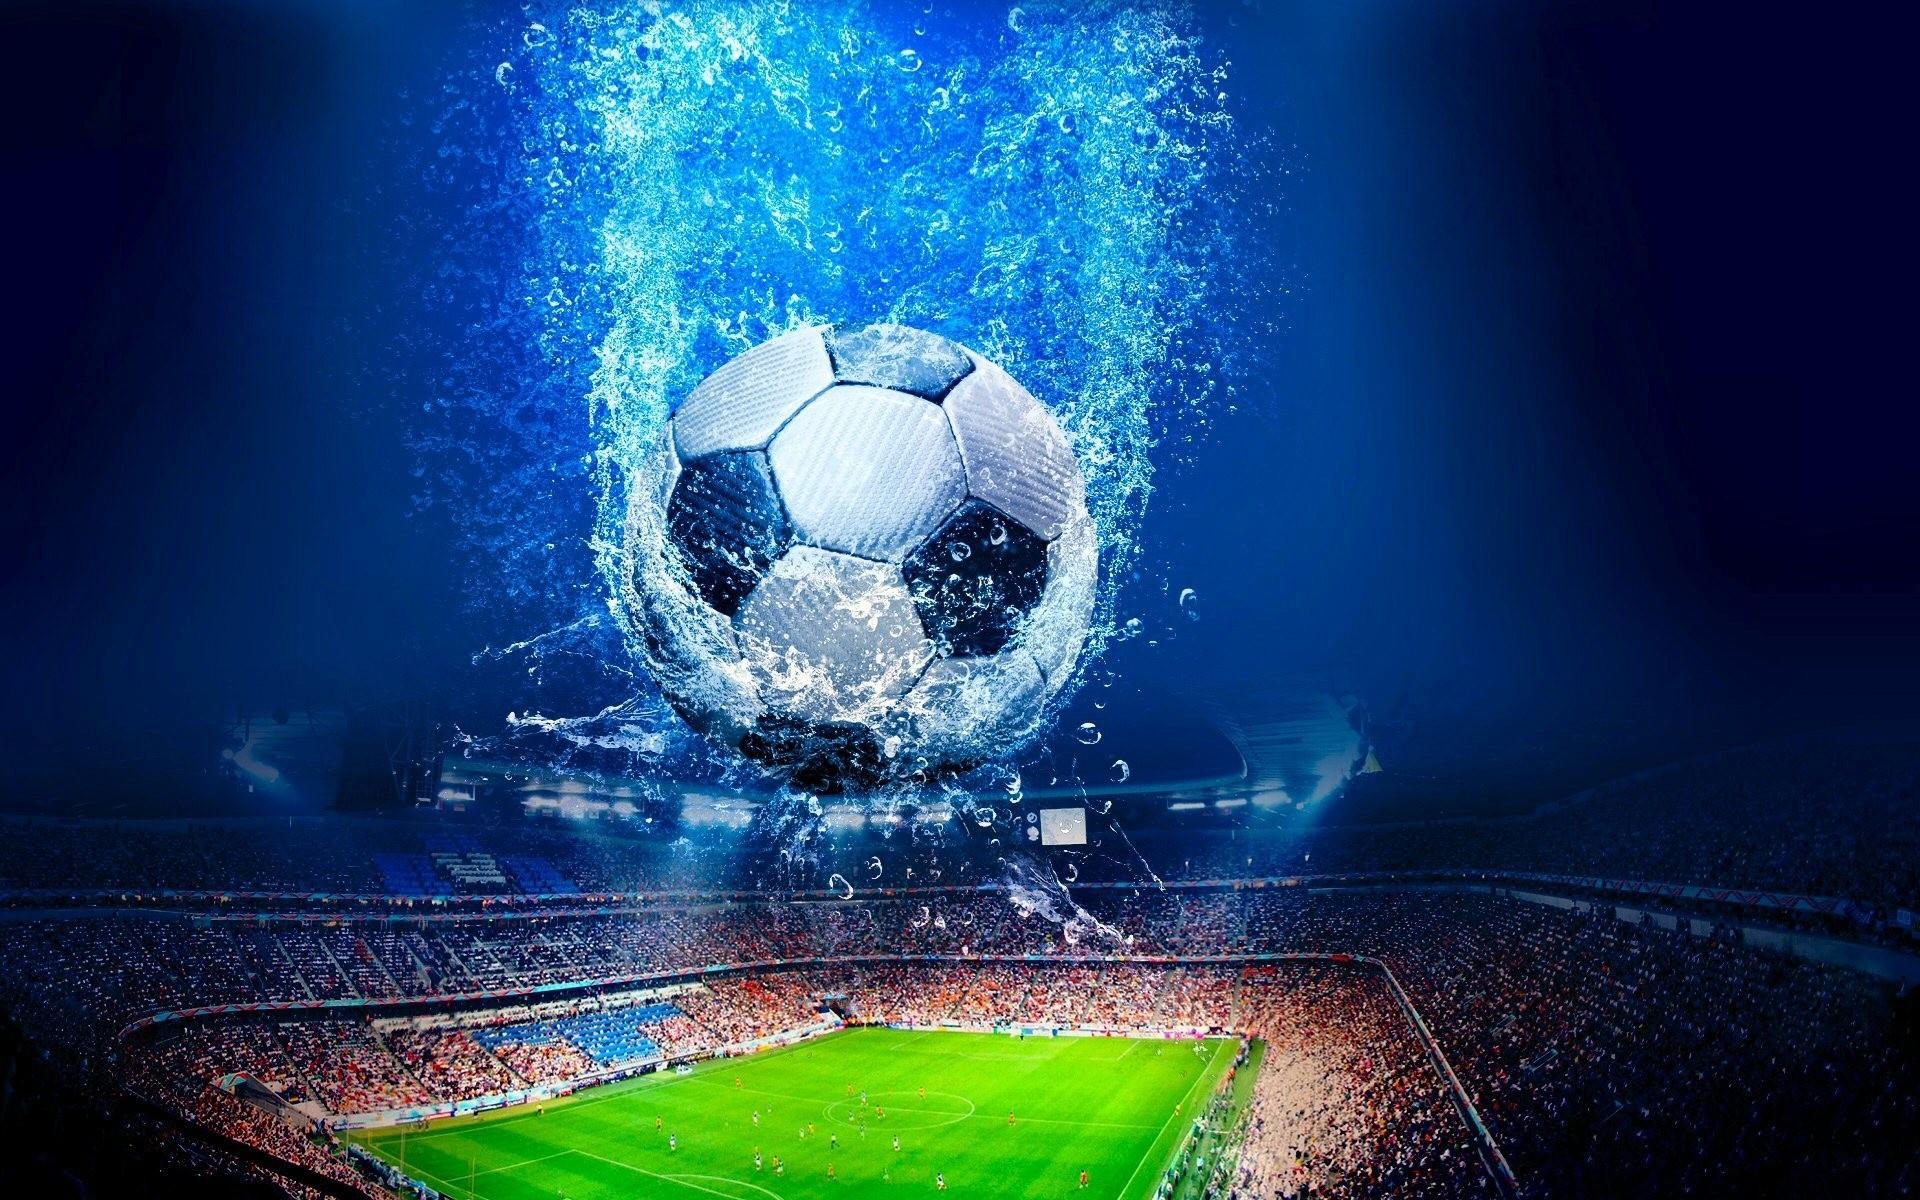 Фото На Обои Телефона Футбол